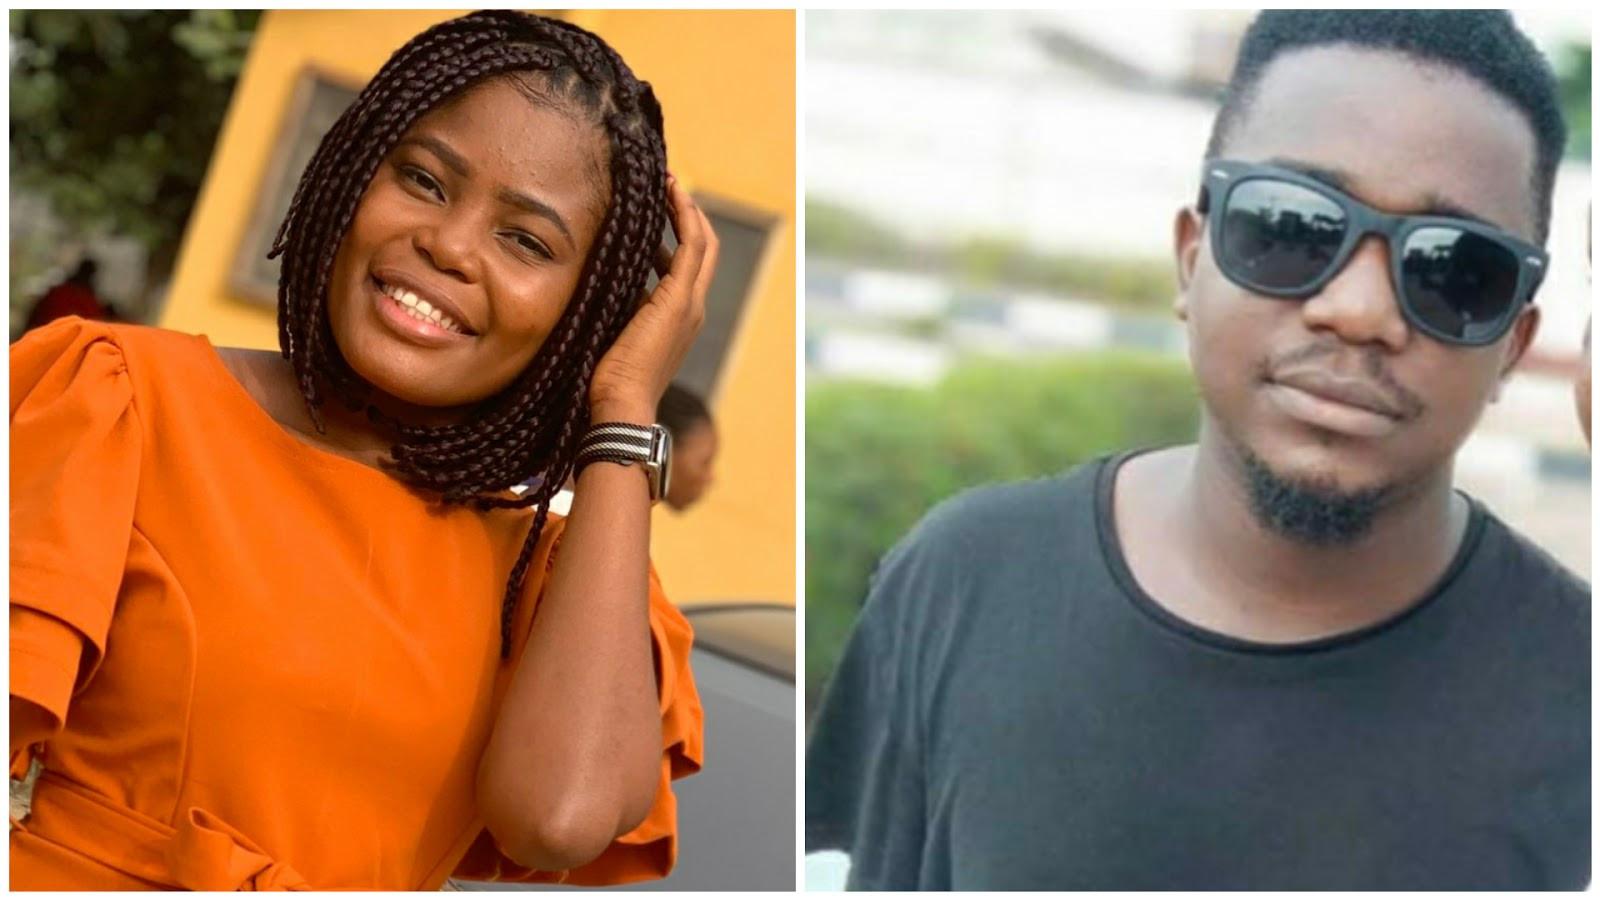 Self confessed killer of Akwa Ibom job seeker Iniubong Umoren pleads guilty to murder denies rape charge